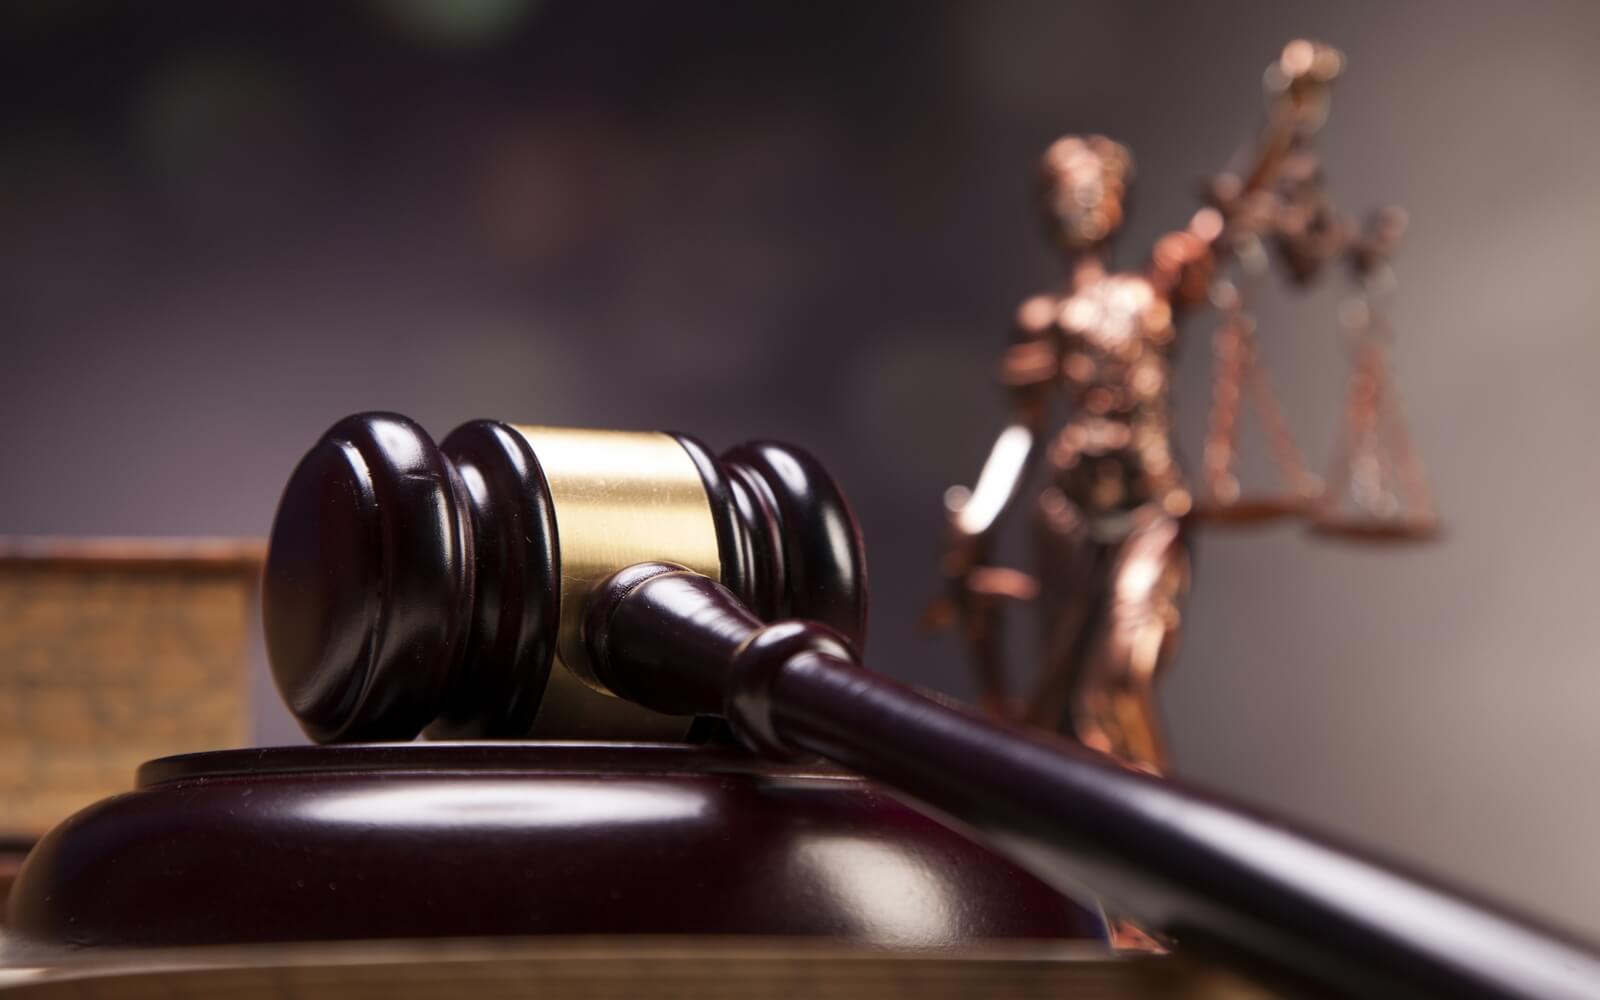 Түп райондук сотунун судьясы иштен алынды